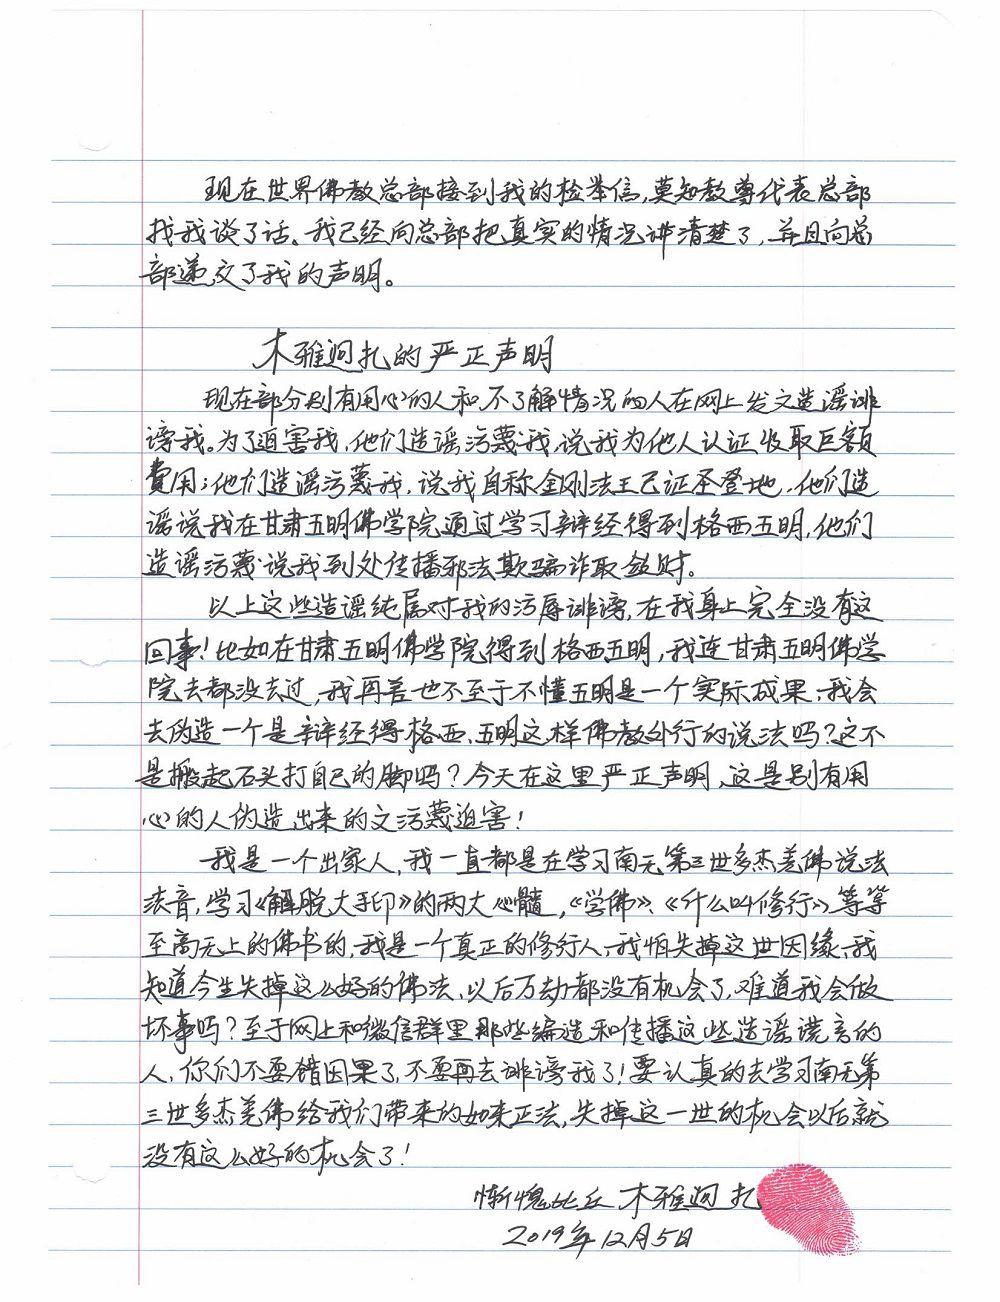 世界佛教總部發文:木雅迥扎解釋揭發材料的聲明(2019年12月06日)